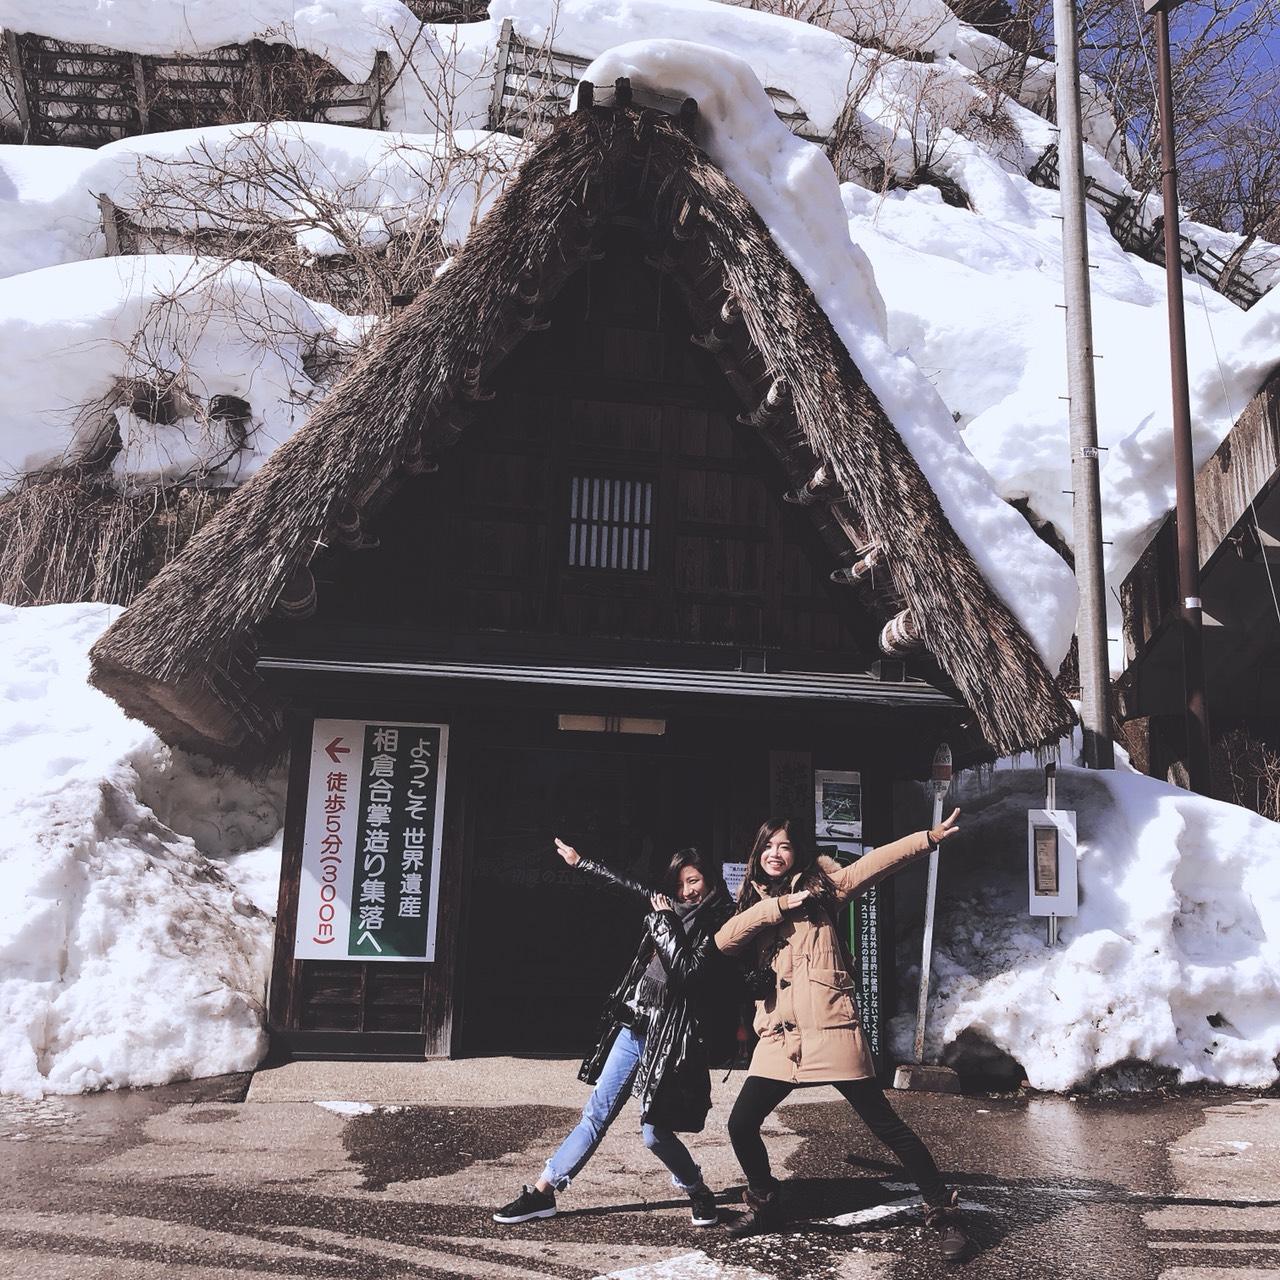 [北陸富山旅遊]世界遺產五箇山!童話般山林相倉合掌村 @美食好芃友